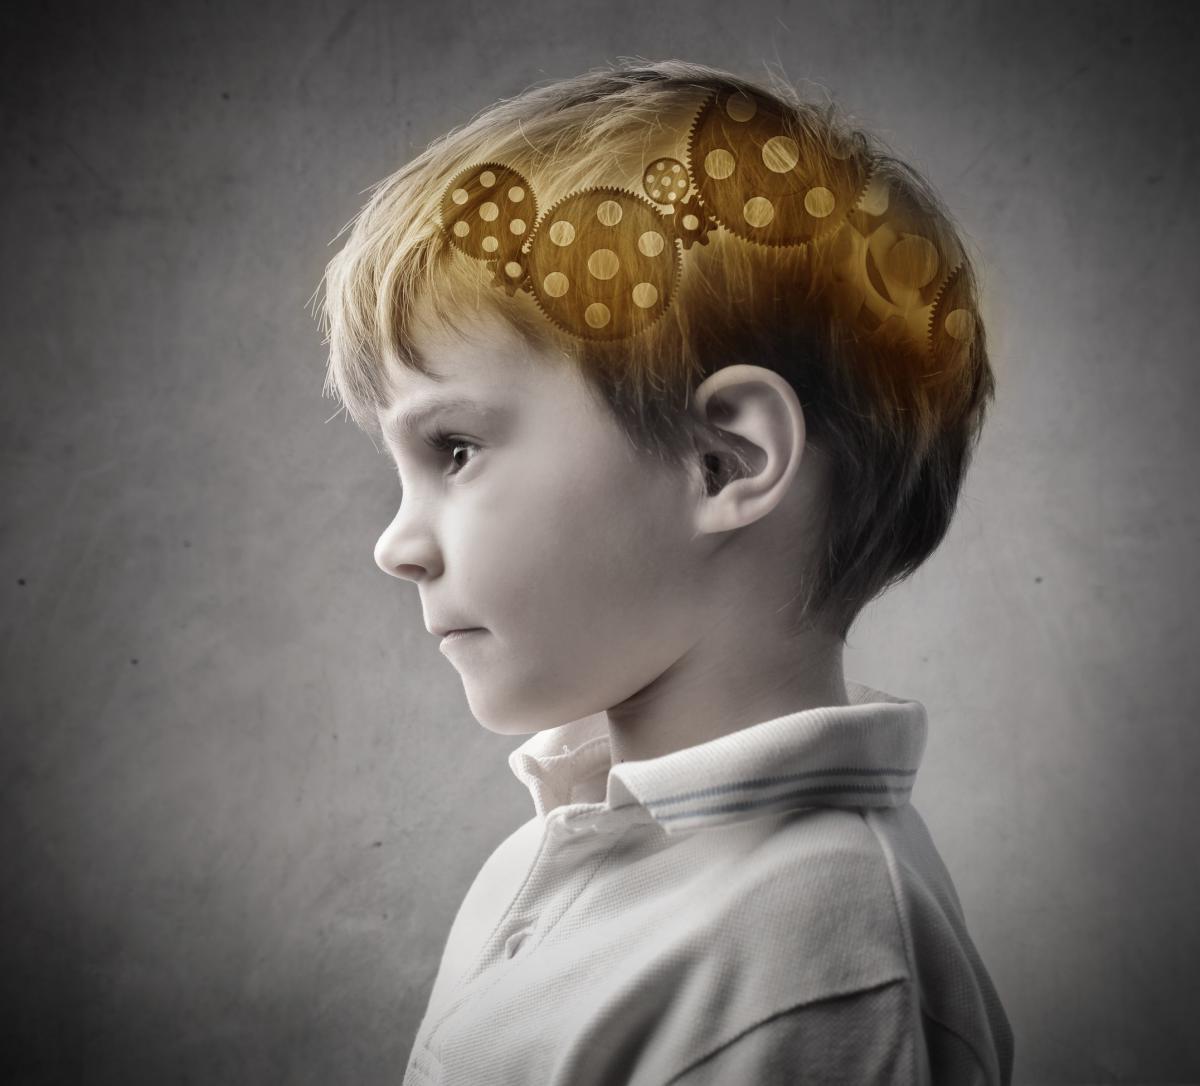 boy-brain-gears